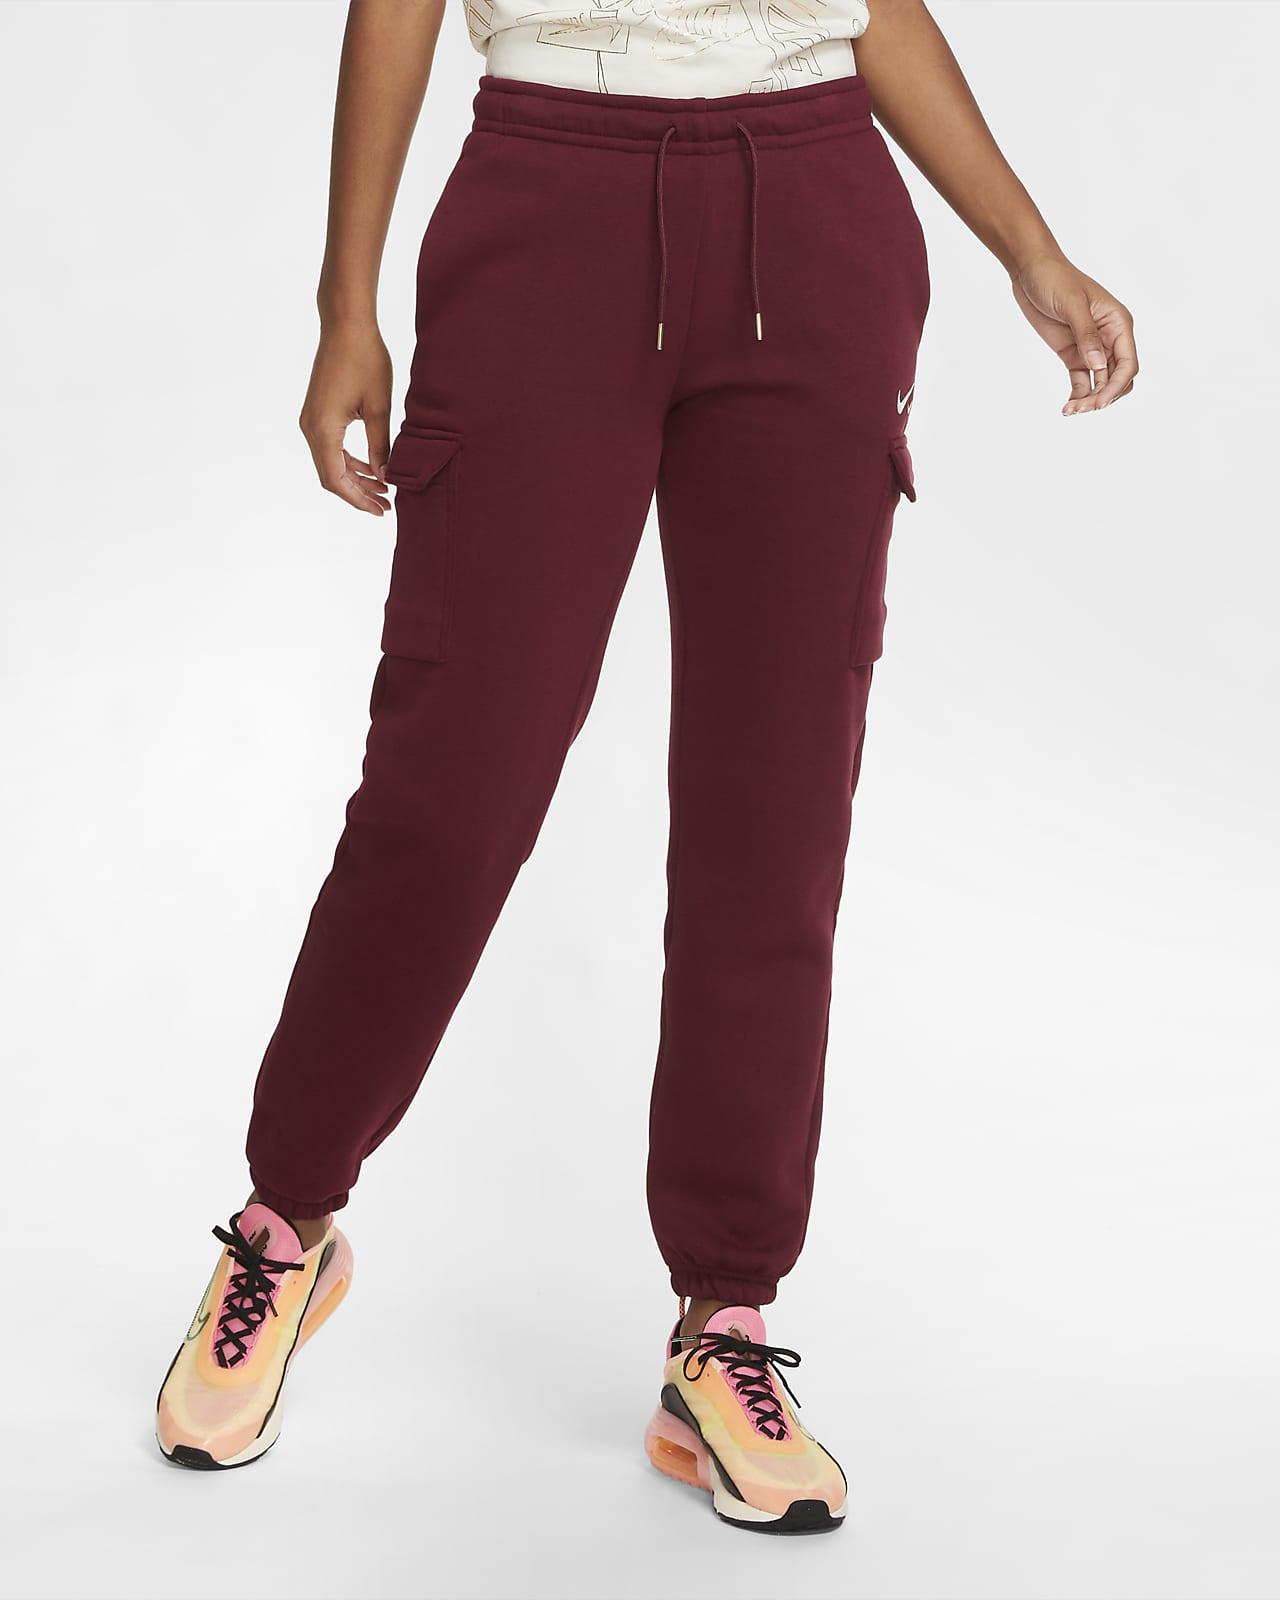 Nike Sportswear Women's Loose-Fit Fleece Cargo Trousers